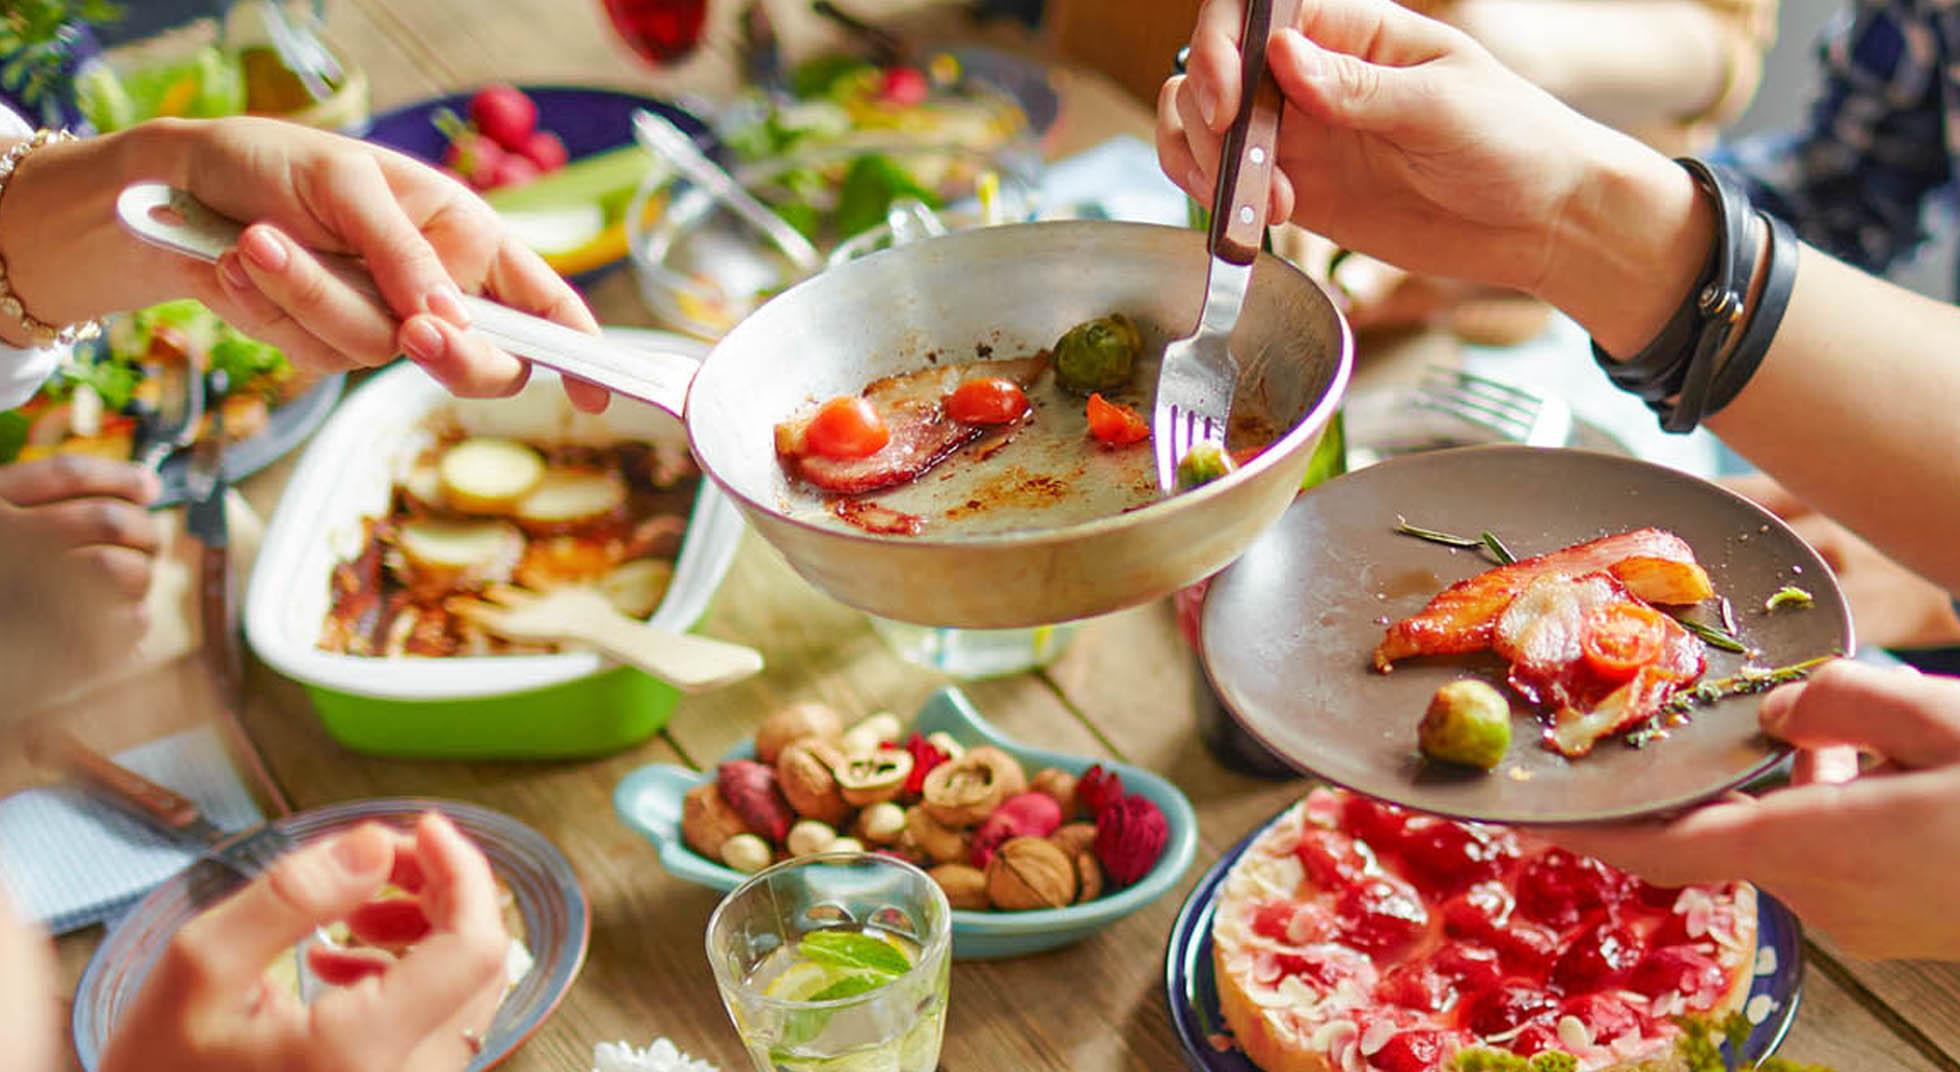 pranzo di ferragosto tante ricette fresche e veloci aia